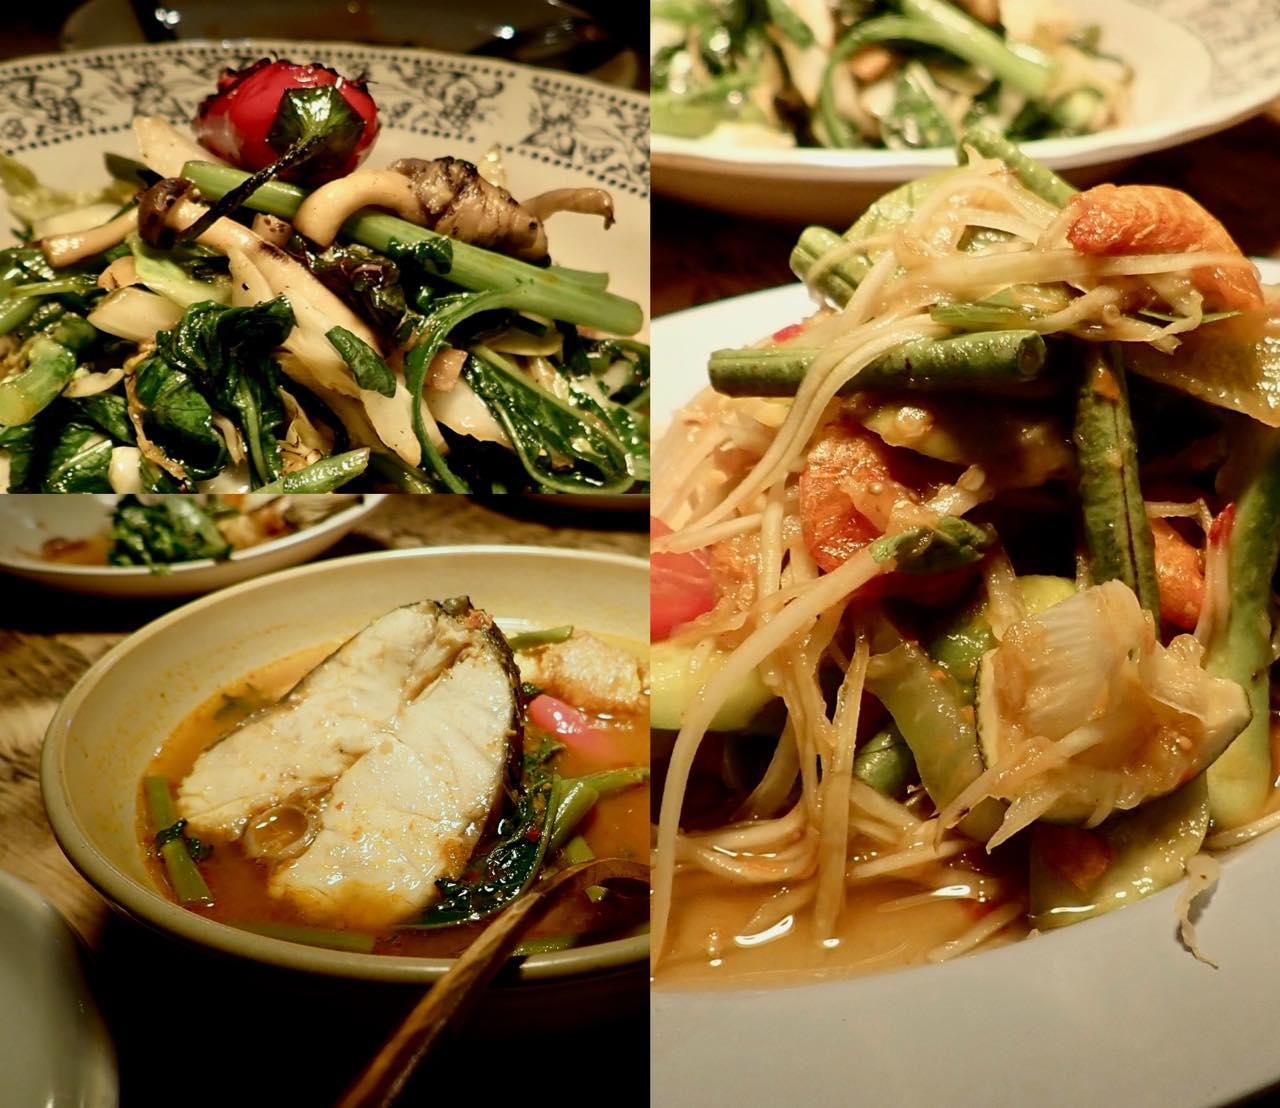 左上から時計周りに、シーフードと野菜の炒め物(辛くなくてグッドw)、スペシャルにあったパパイヤ・サラダ、魚のカレー!